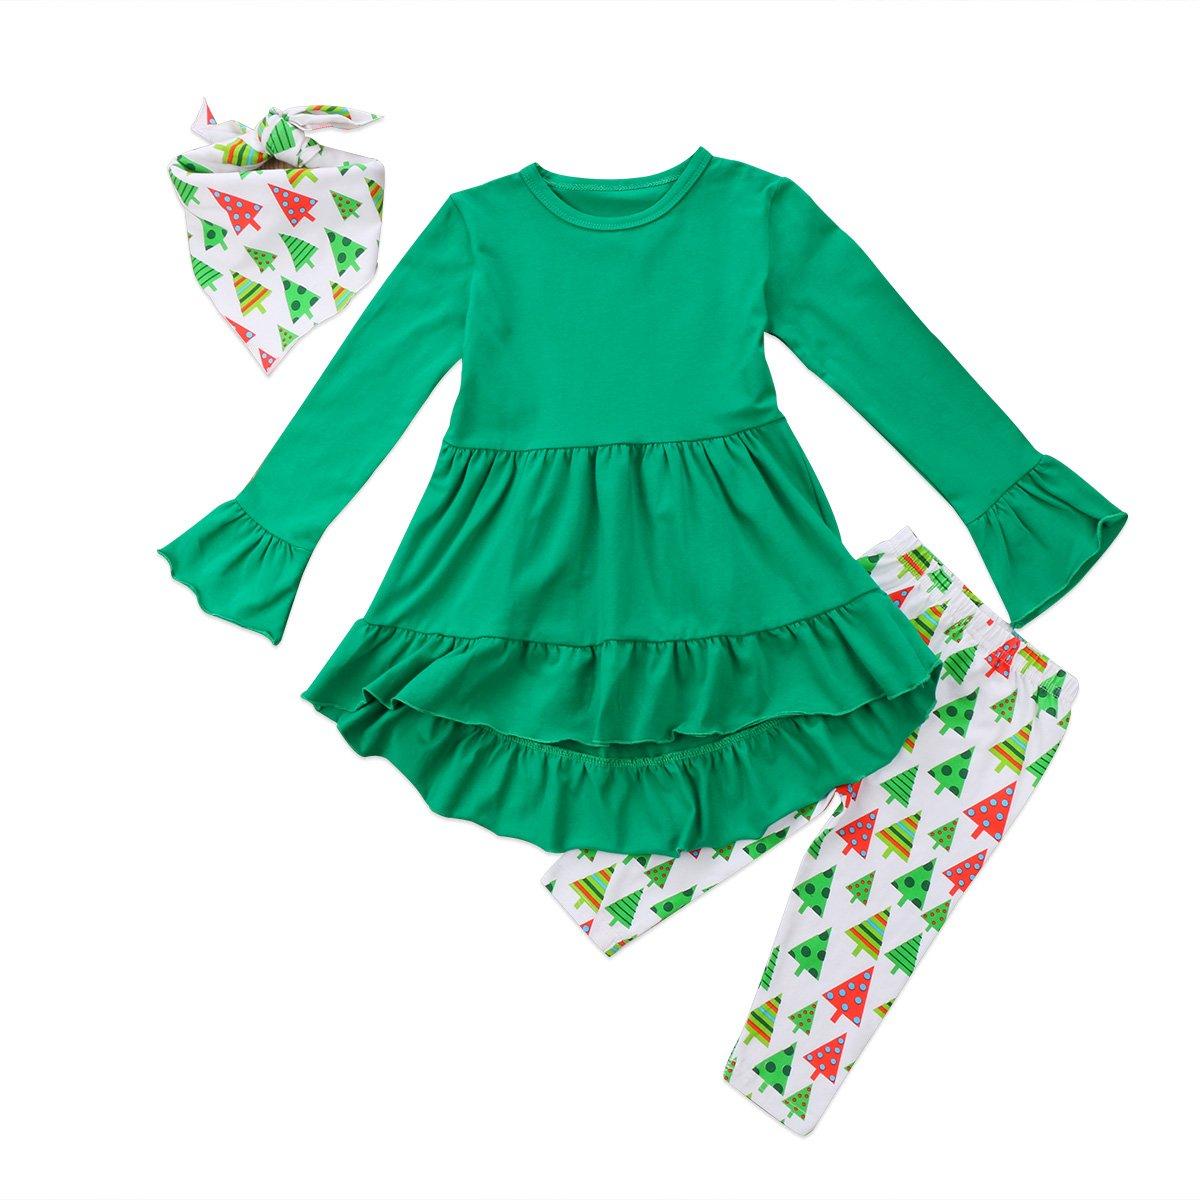 良質  Miward PANTS ベビーガールズ B07G975FD9 tag: 120/4-5 ベビーガールズ 120/4-5 Years グリーン B07G975FD9, Sofiya World Gift Shop:fb5e85ea --- a0267596.xsph.ru